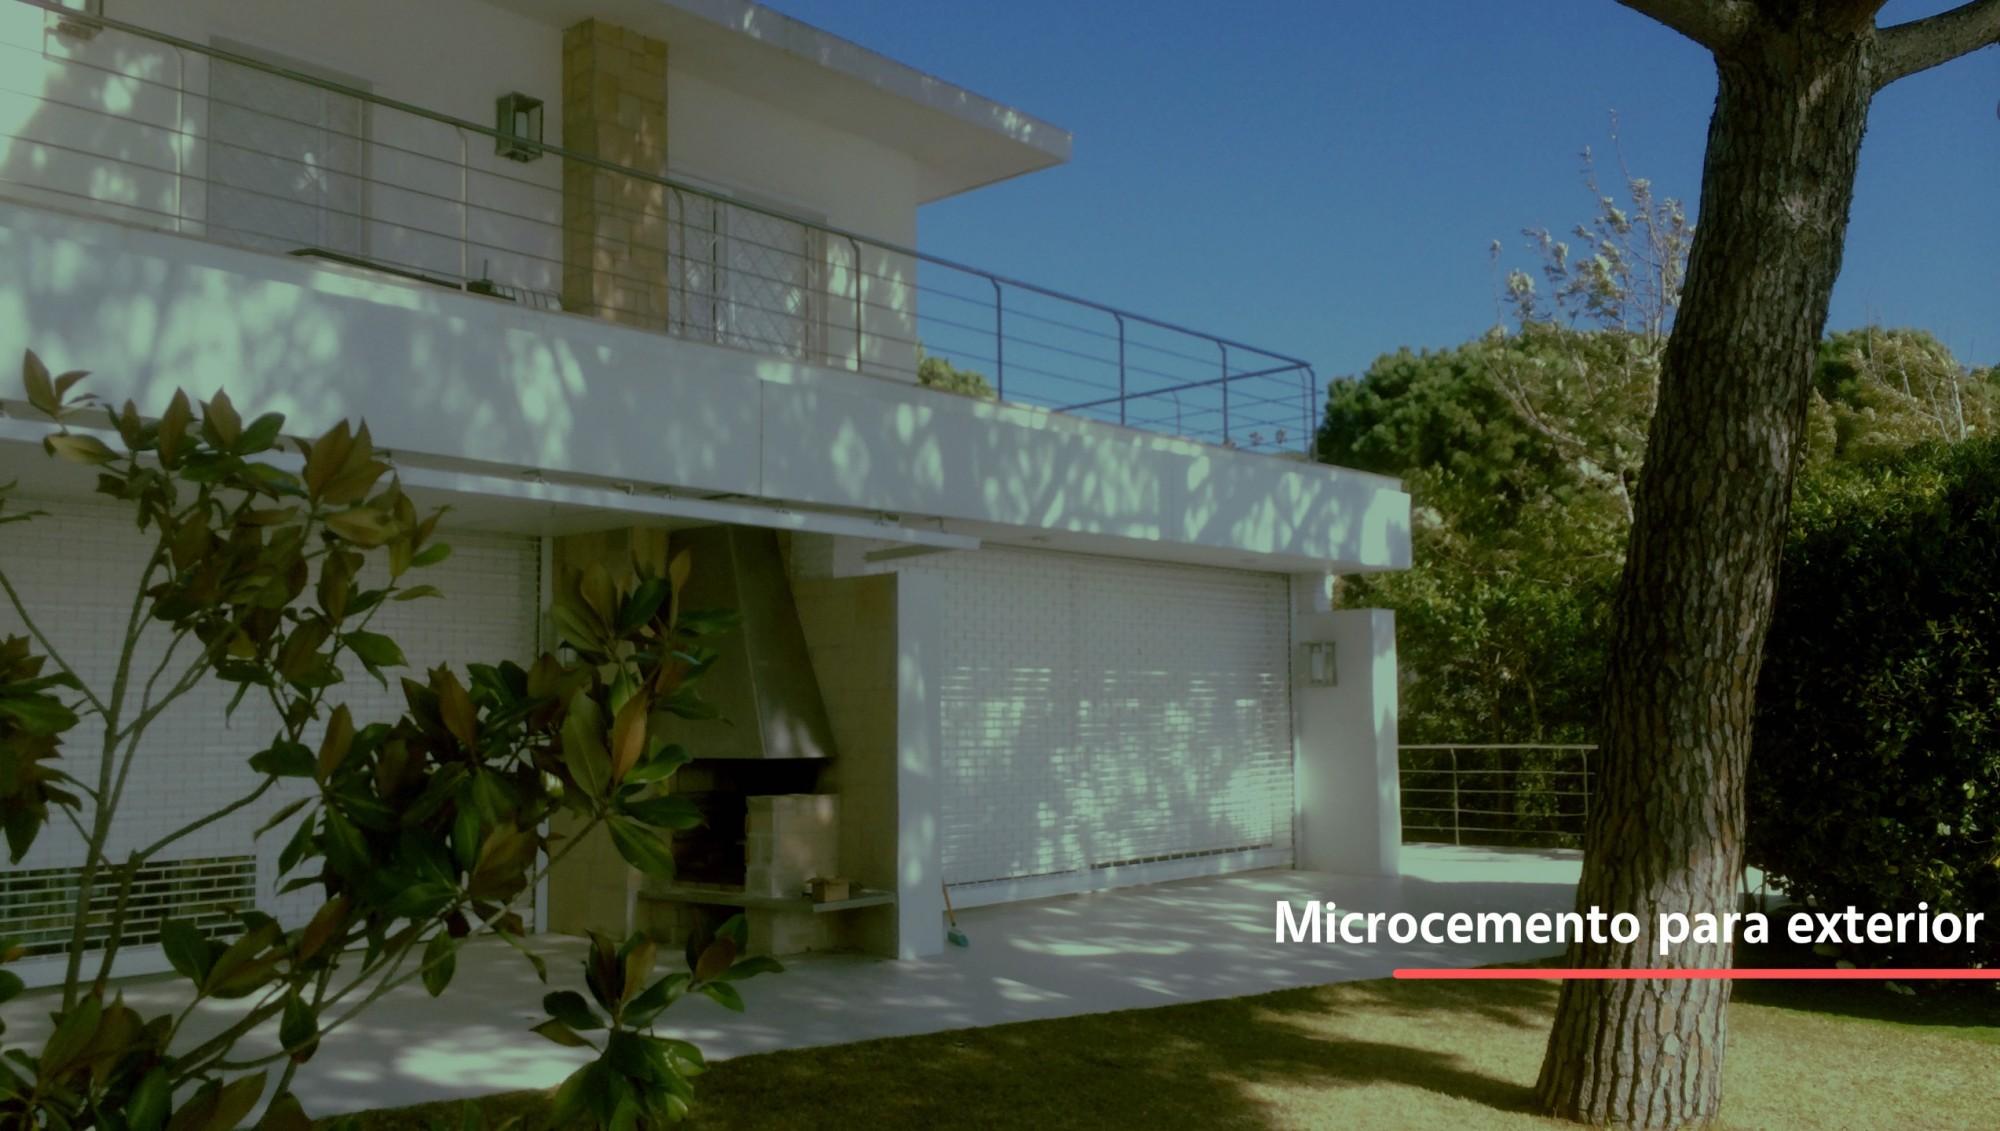 Uso de microcemento para exterior